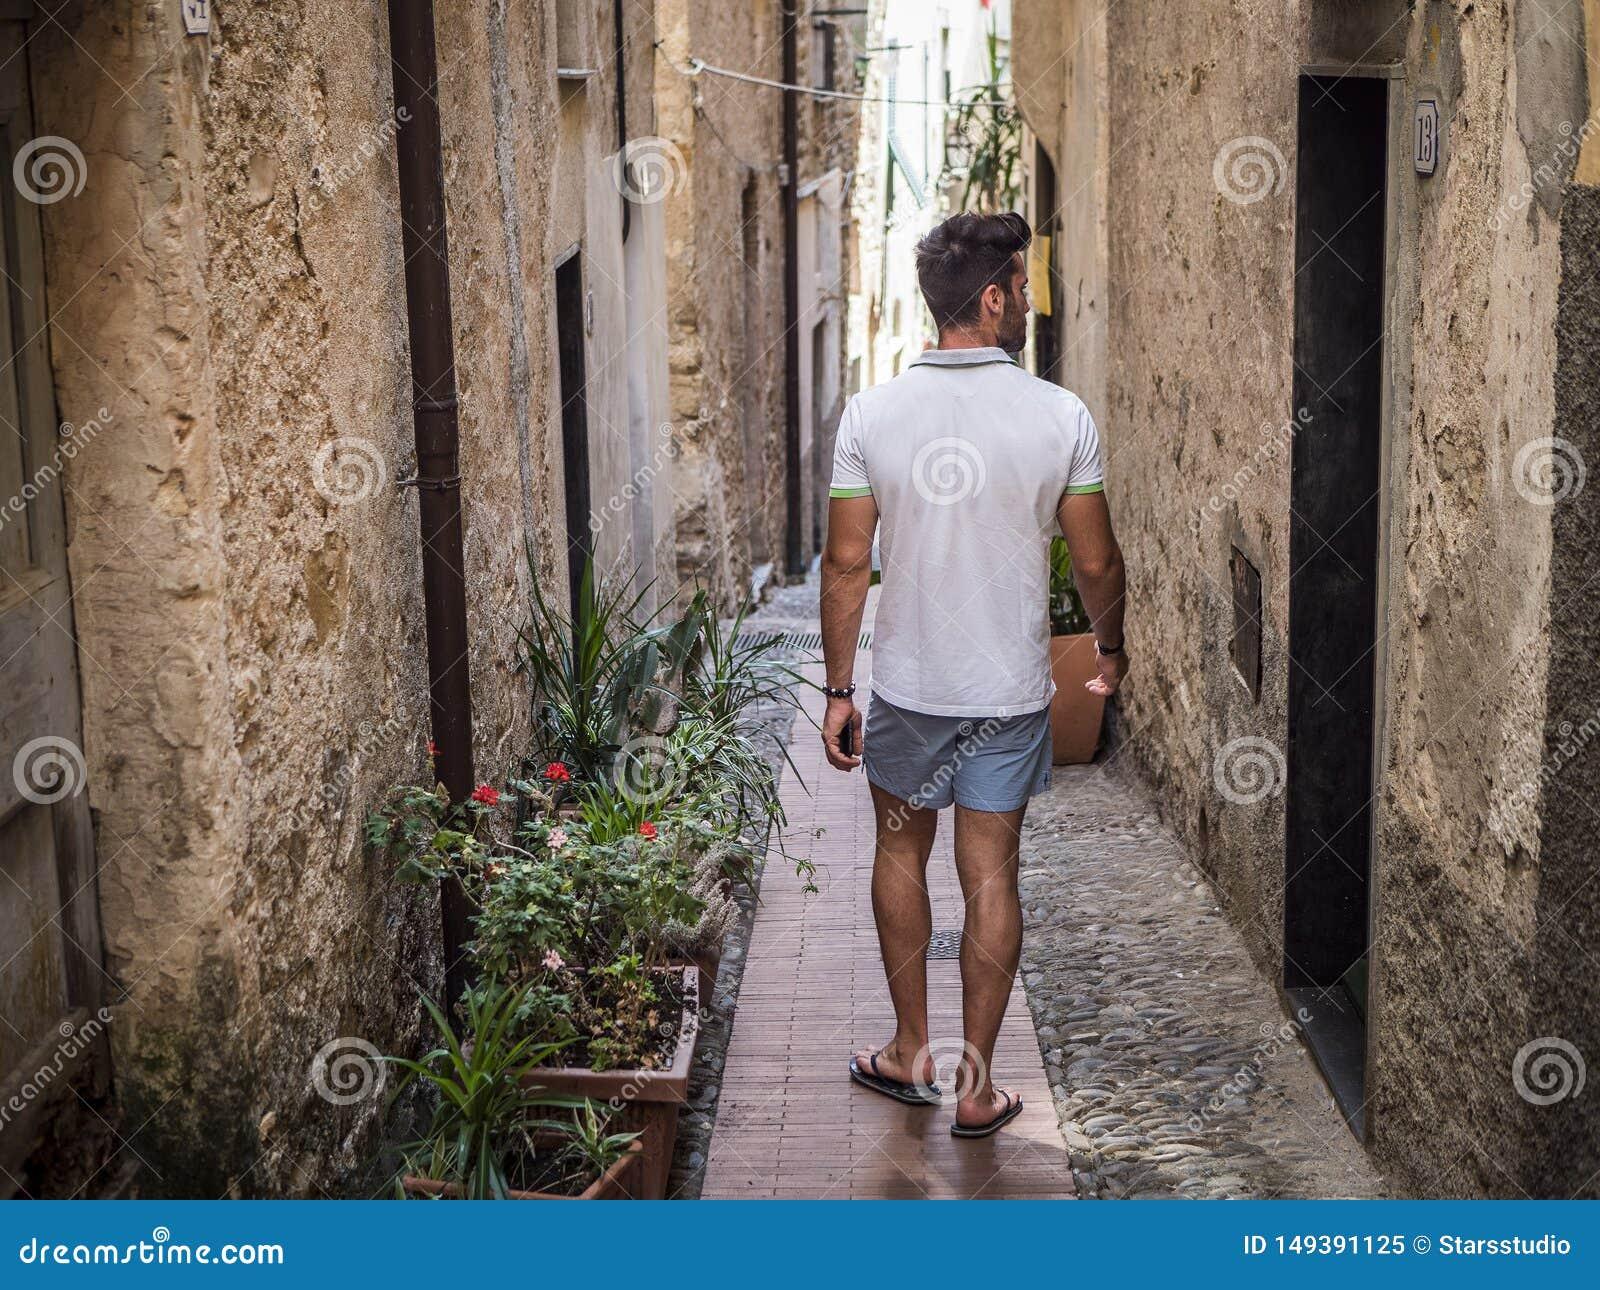 Rearview del hombre que camina en ciudad italiana vieja